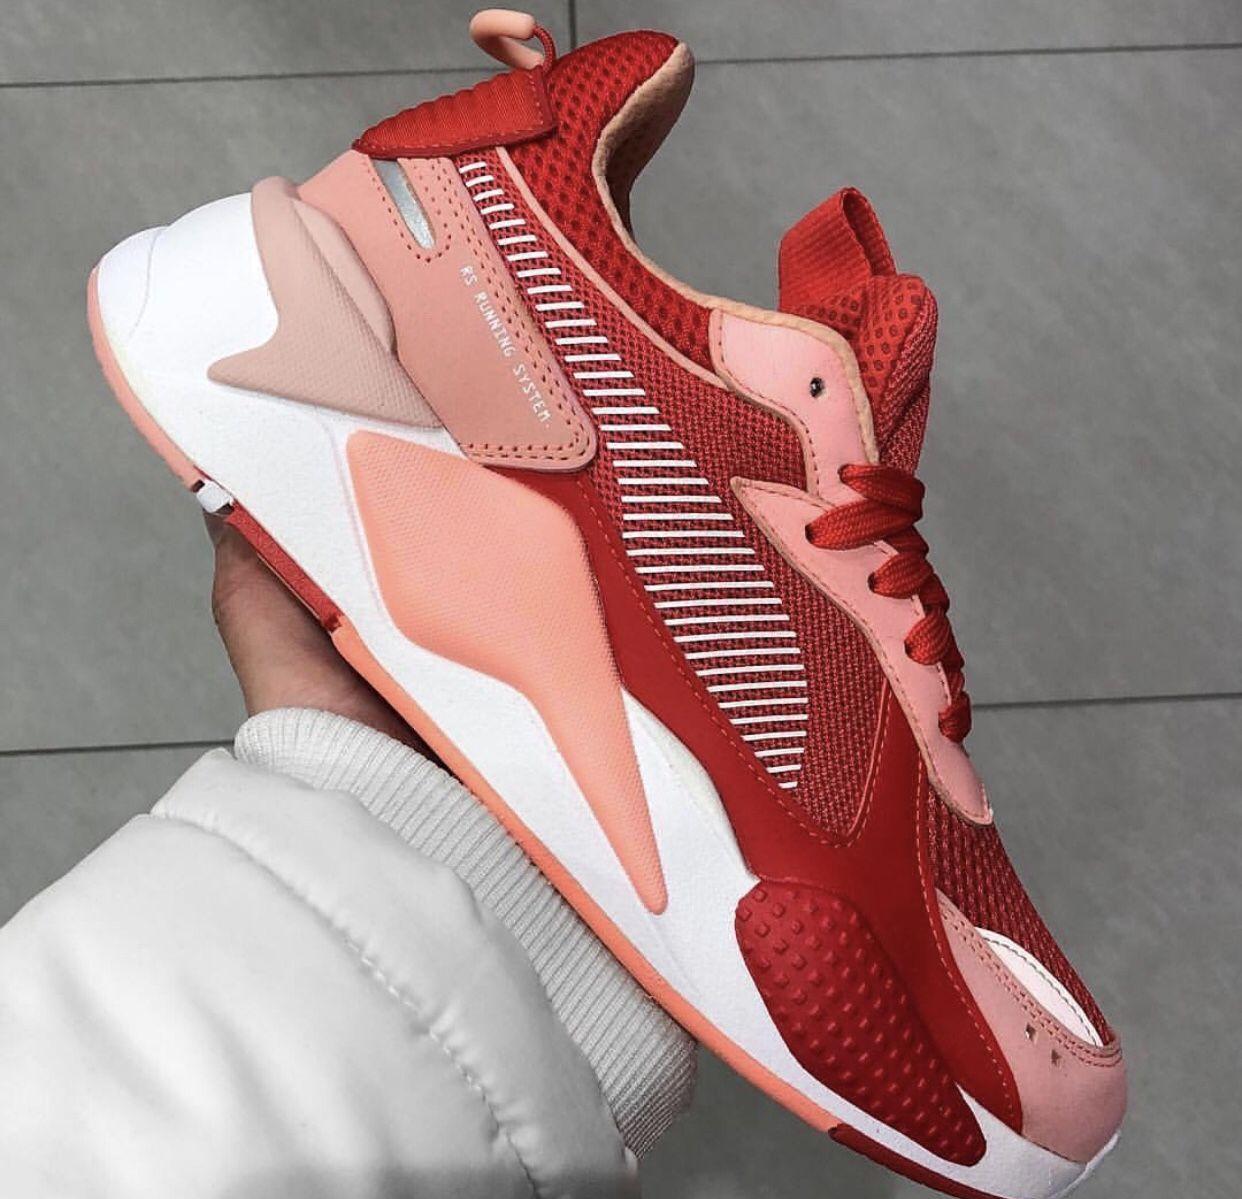 708e6814ab3 #puma #rs-x #womensshoes #shoesforwomen #womensfashion #sneakers #hypebeast